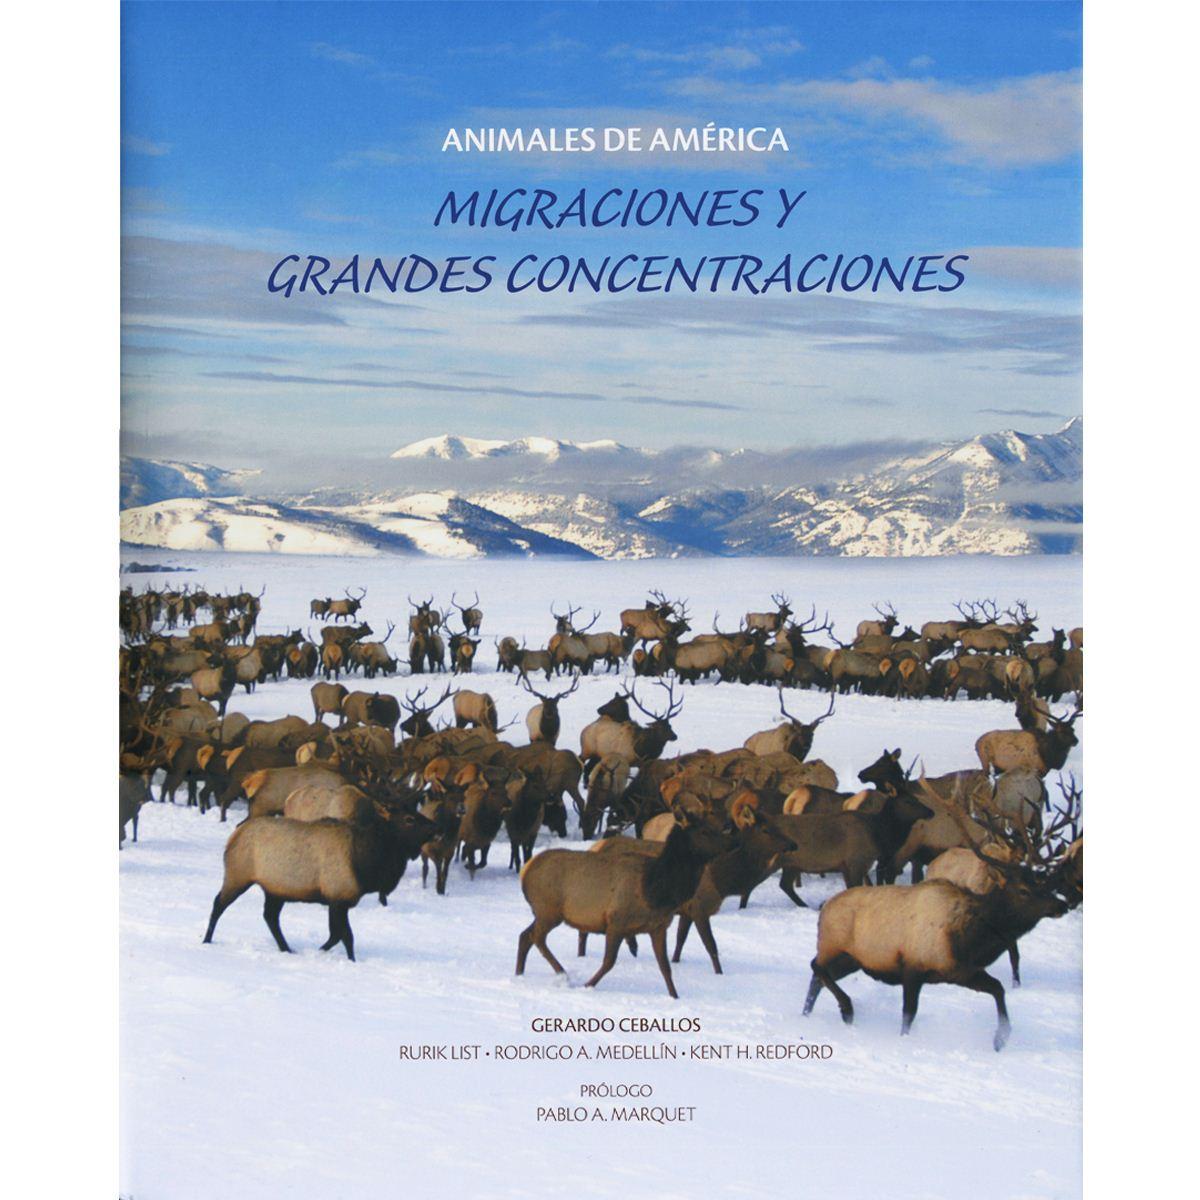 Animales de américa, migraciones y grandes concentraciones Libro - Sanborns